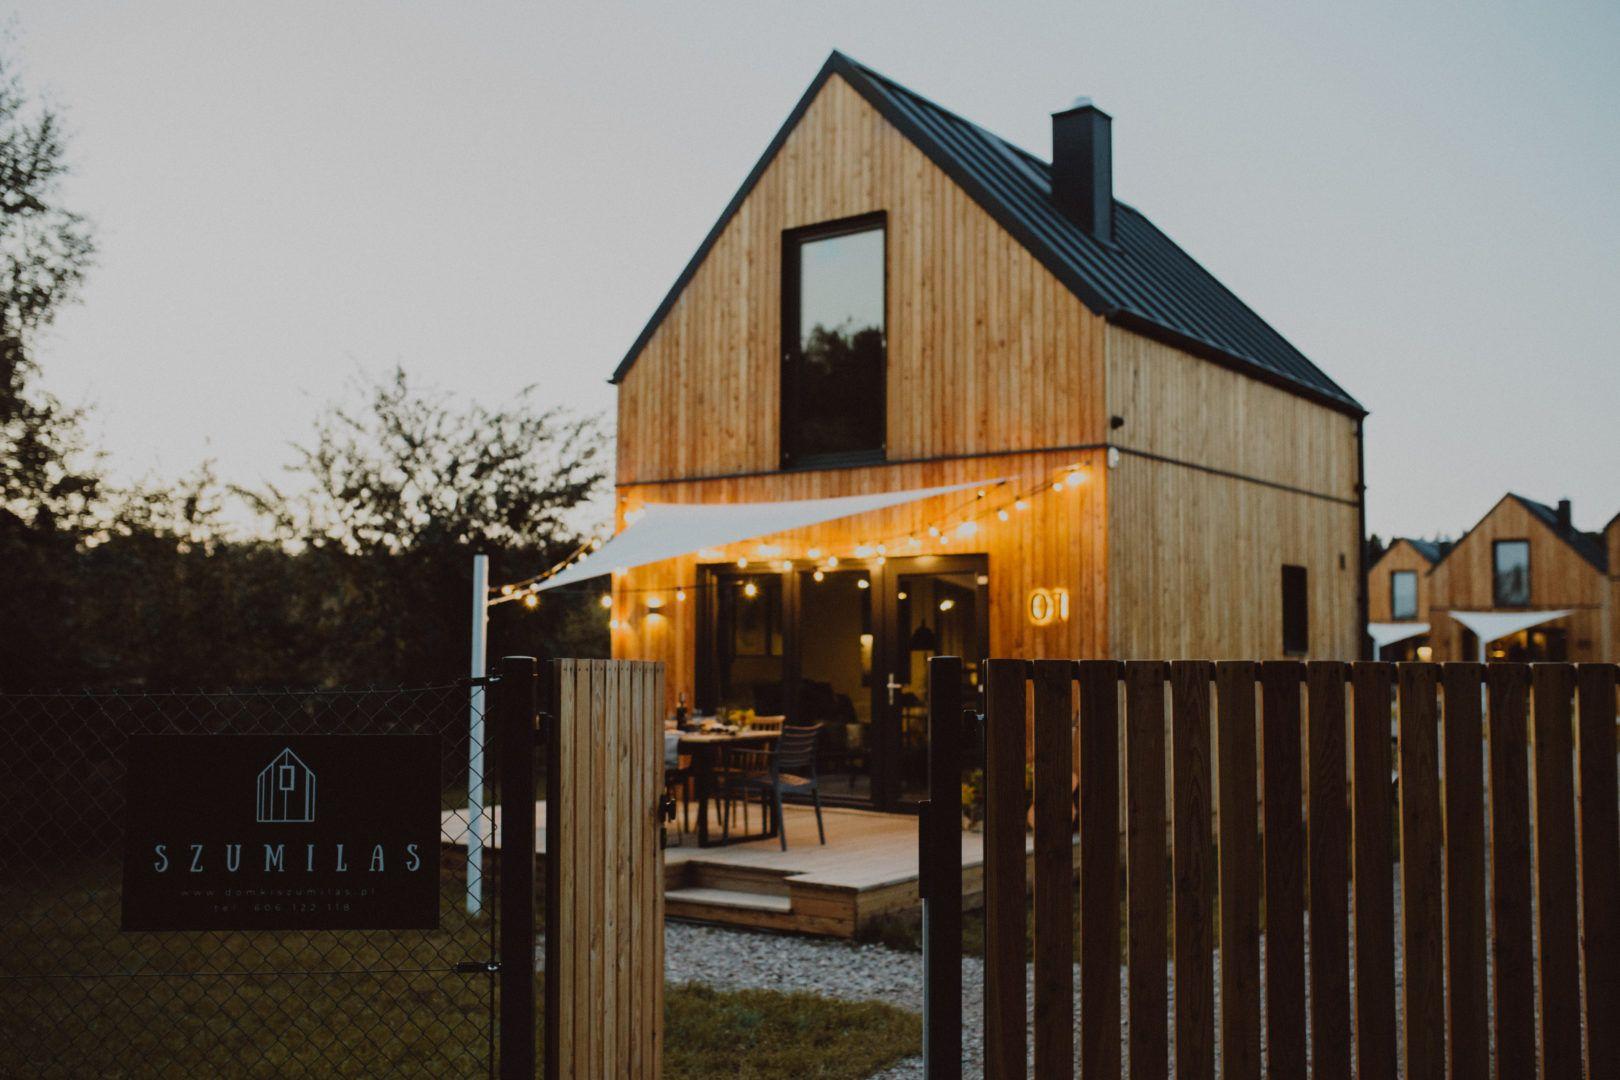 Domki Nad Morzem Domki Szumilas Odpoczywaj Blizej Natury Lubiatowo Domy Nad Morzem House Design Summer House House Styles